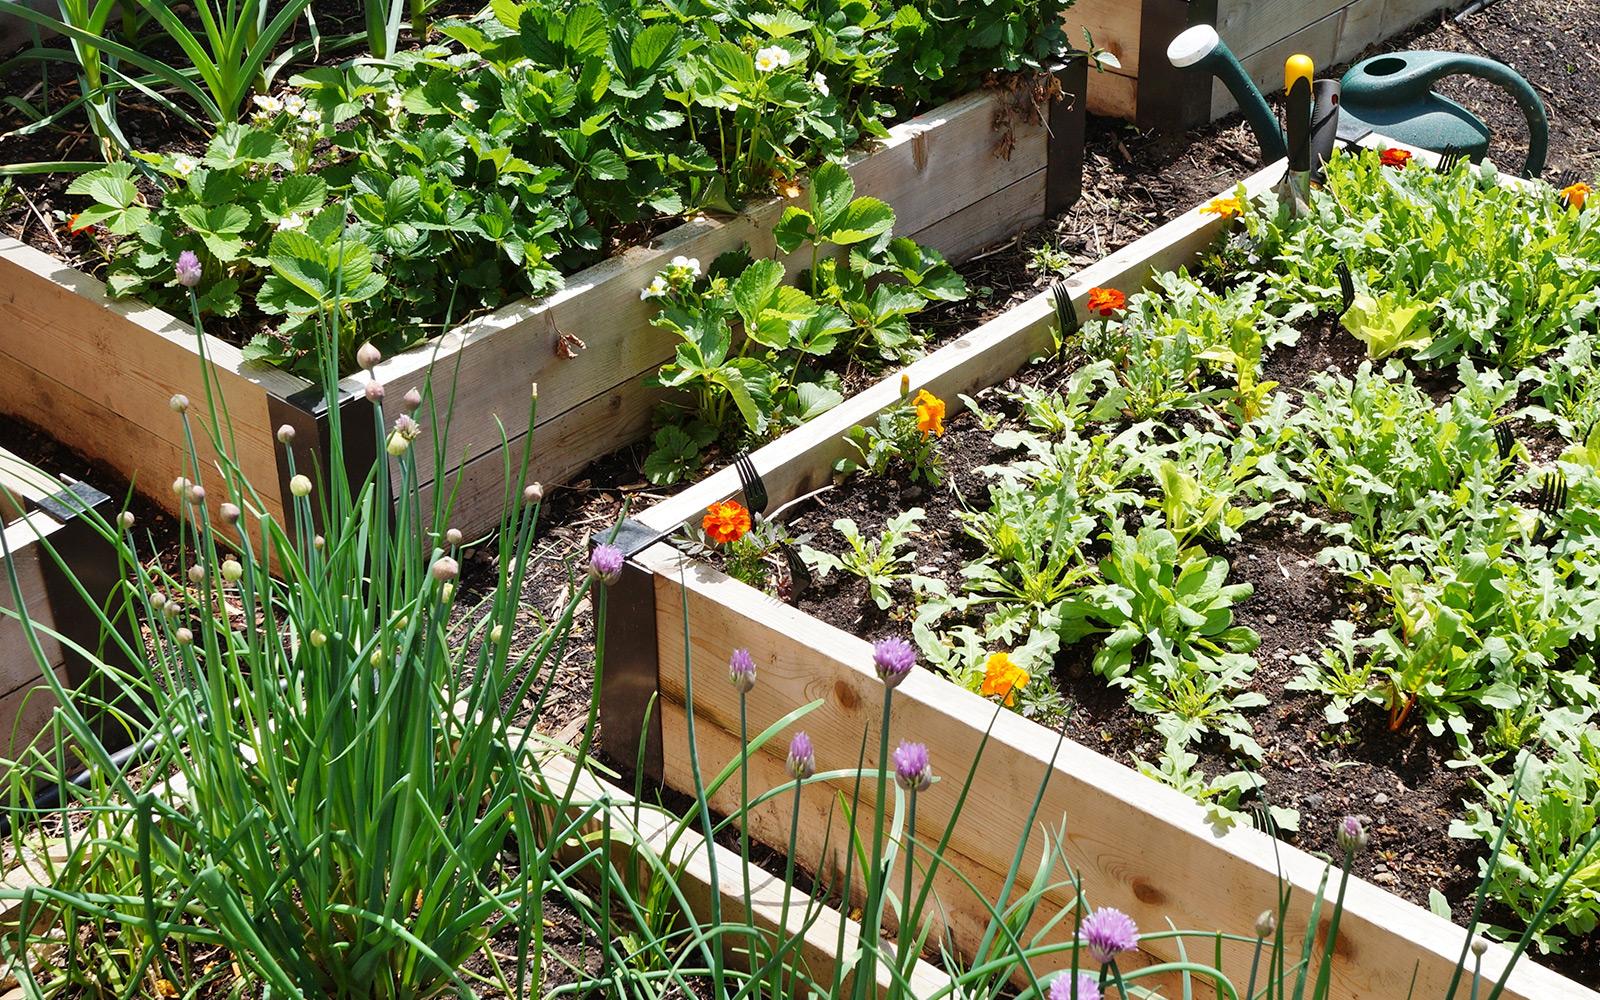 Gardening Blog Archives - Himmel's Landscape & Garden Center